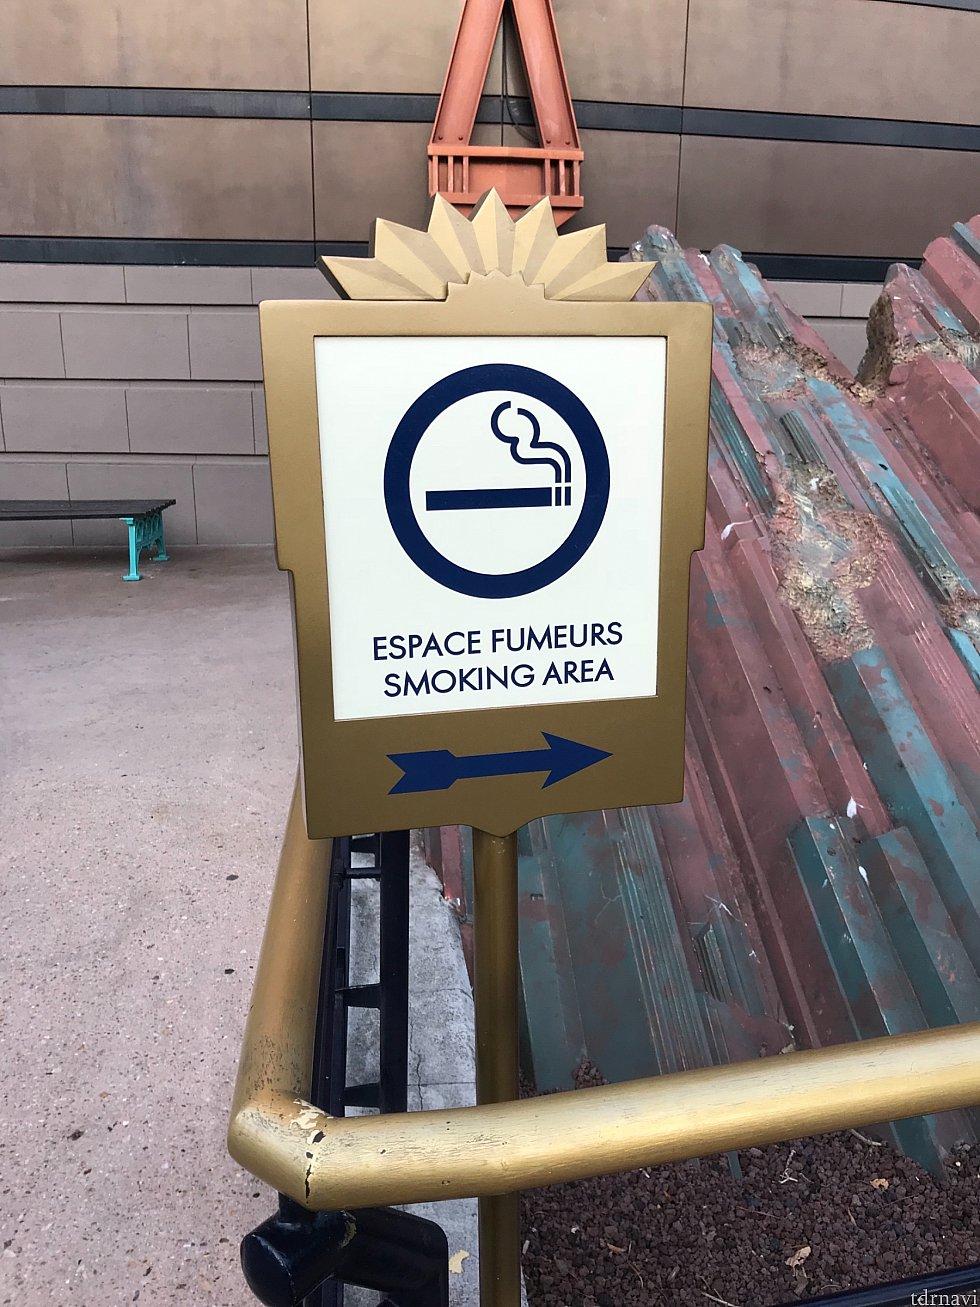 喫煙エリアはこの看板が目印です! これはハイパースペースマウンテンのFP発券所の裏の喫煙エリア🚬